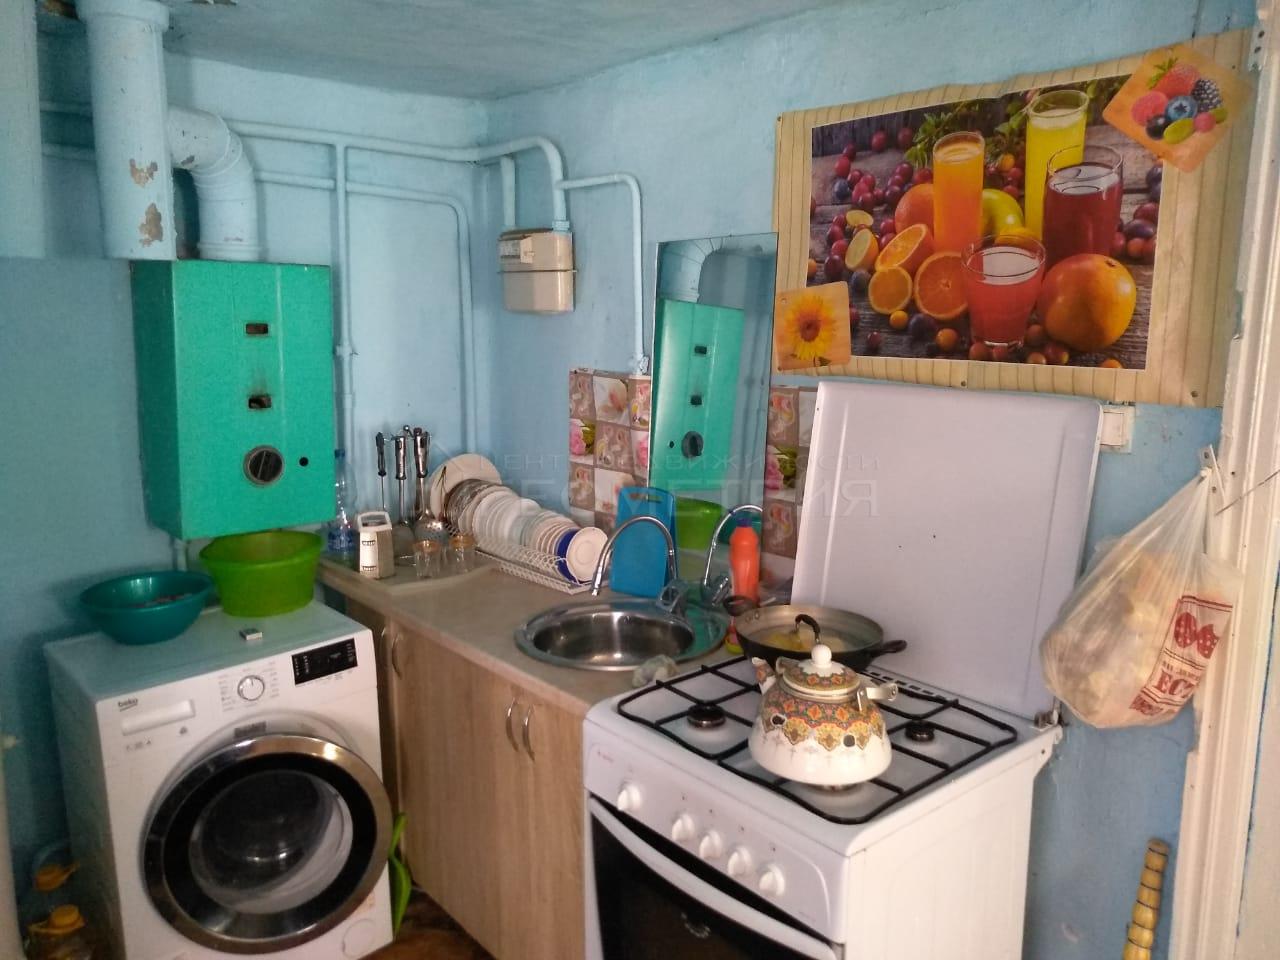 Продам дом по адресу Россия, Краснодарский край, Динской район, Новотитаровская фото 5 по выгодной цене